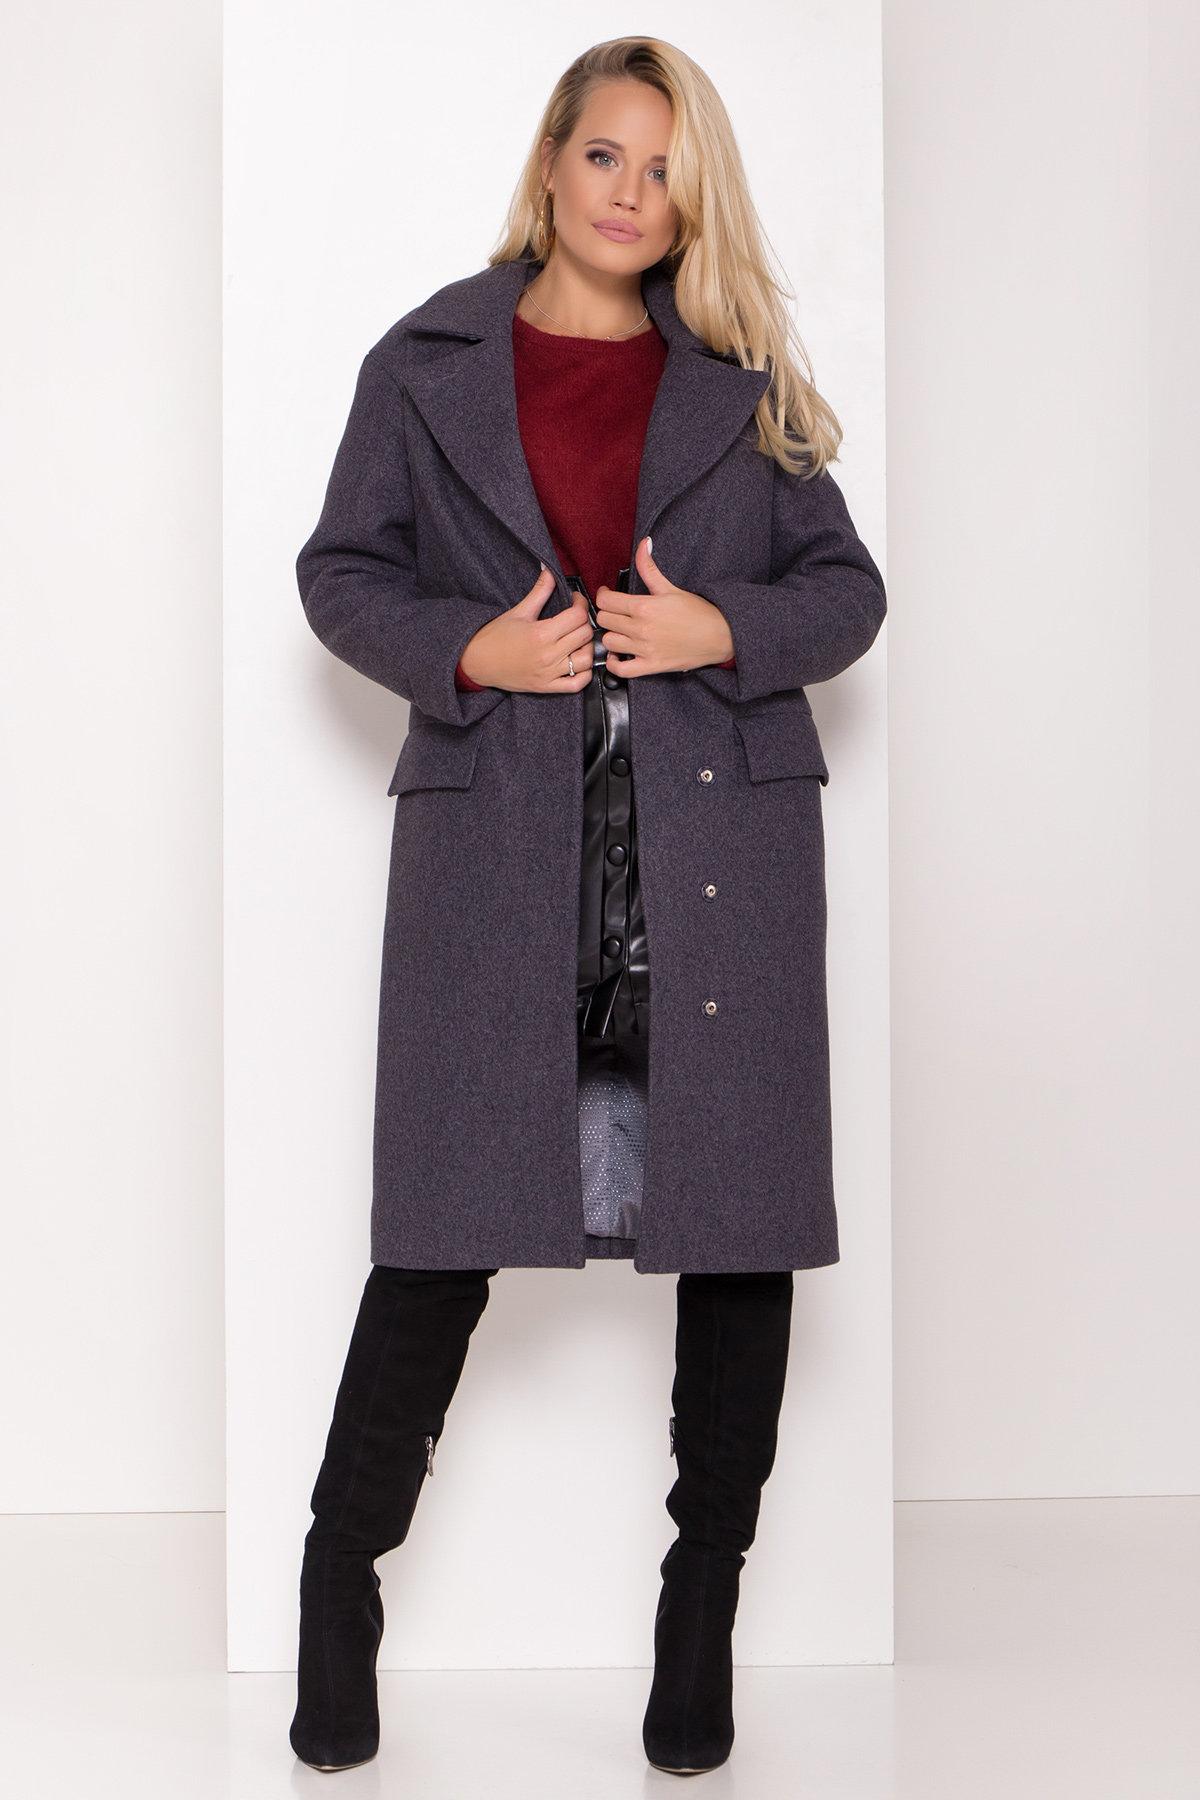 Зимнее пальто с отложным воротником Моле 8085 АРТ. 44036 Цвет: Т.синий 543 - фото 1, интернет магазин tm-modus.ru